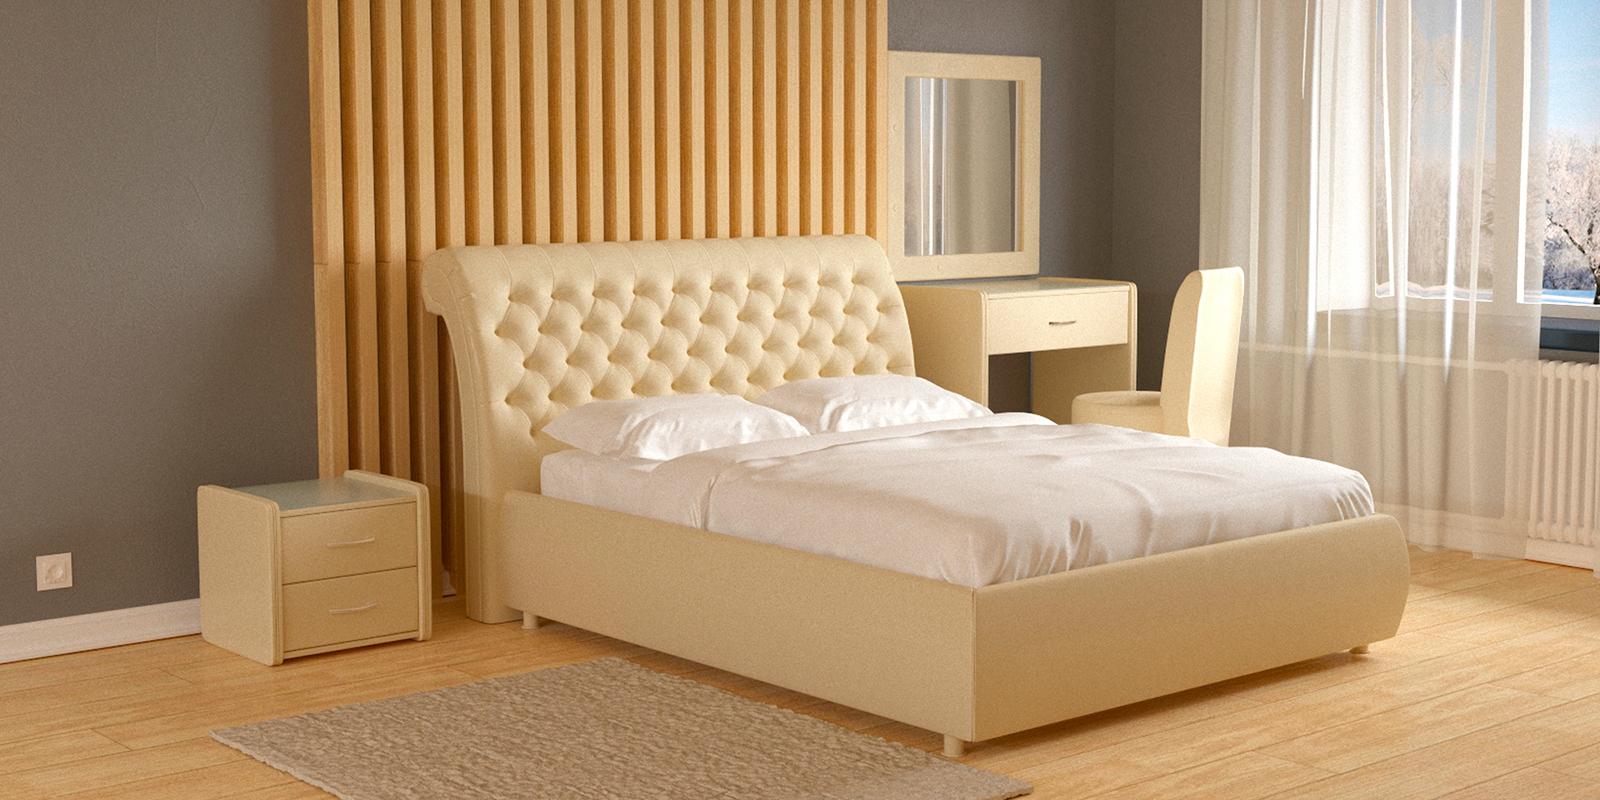 Мягкая кровать 200х160 Малибу вариант №6 с ортопедическим основанием (Бежевый)